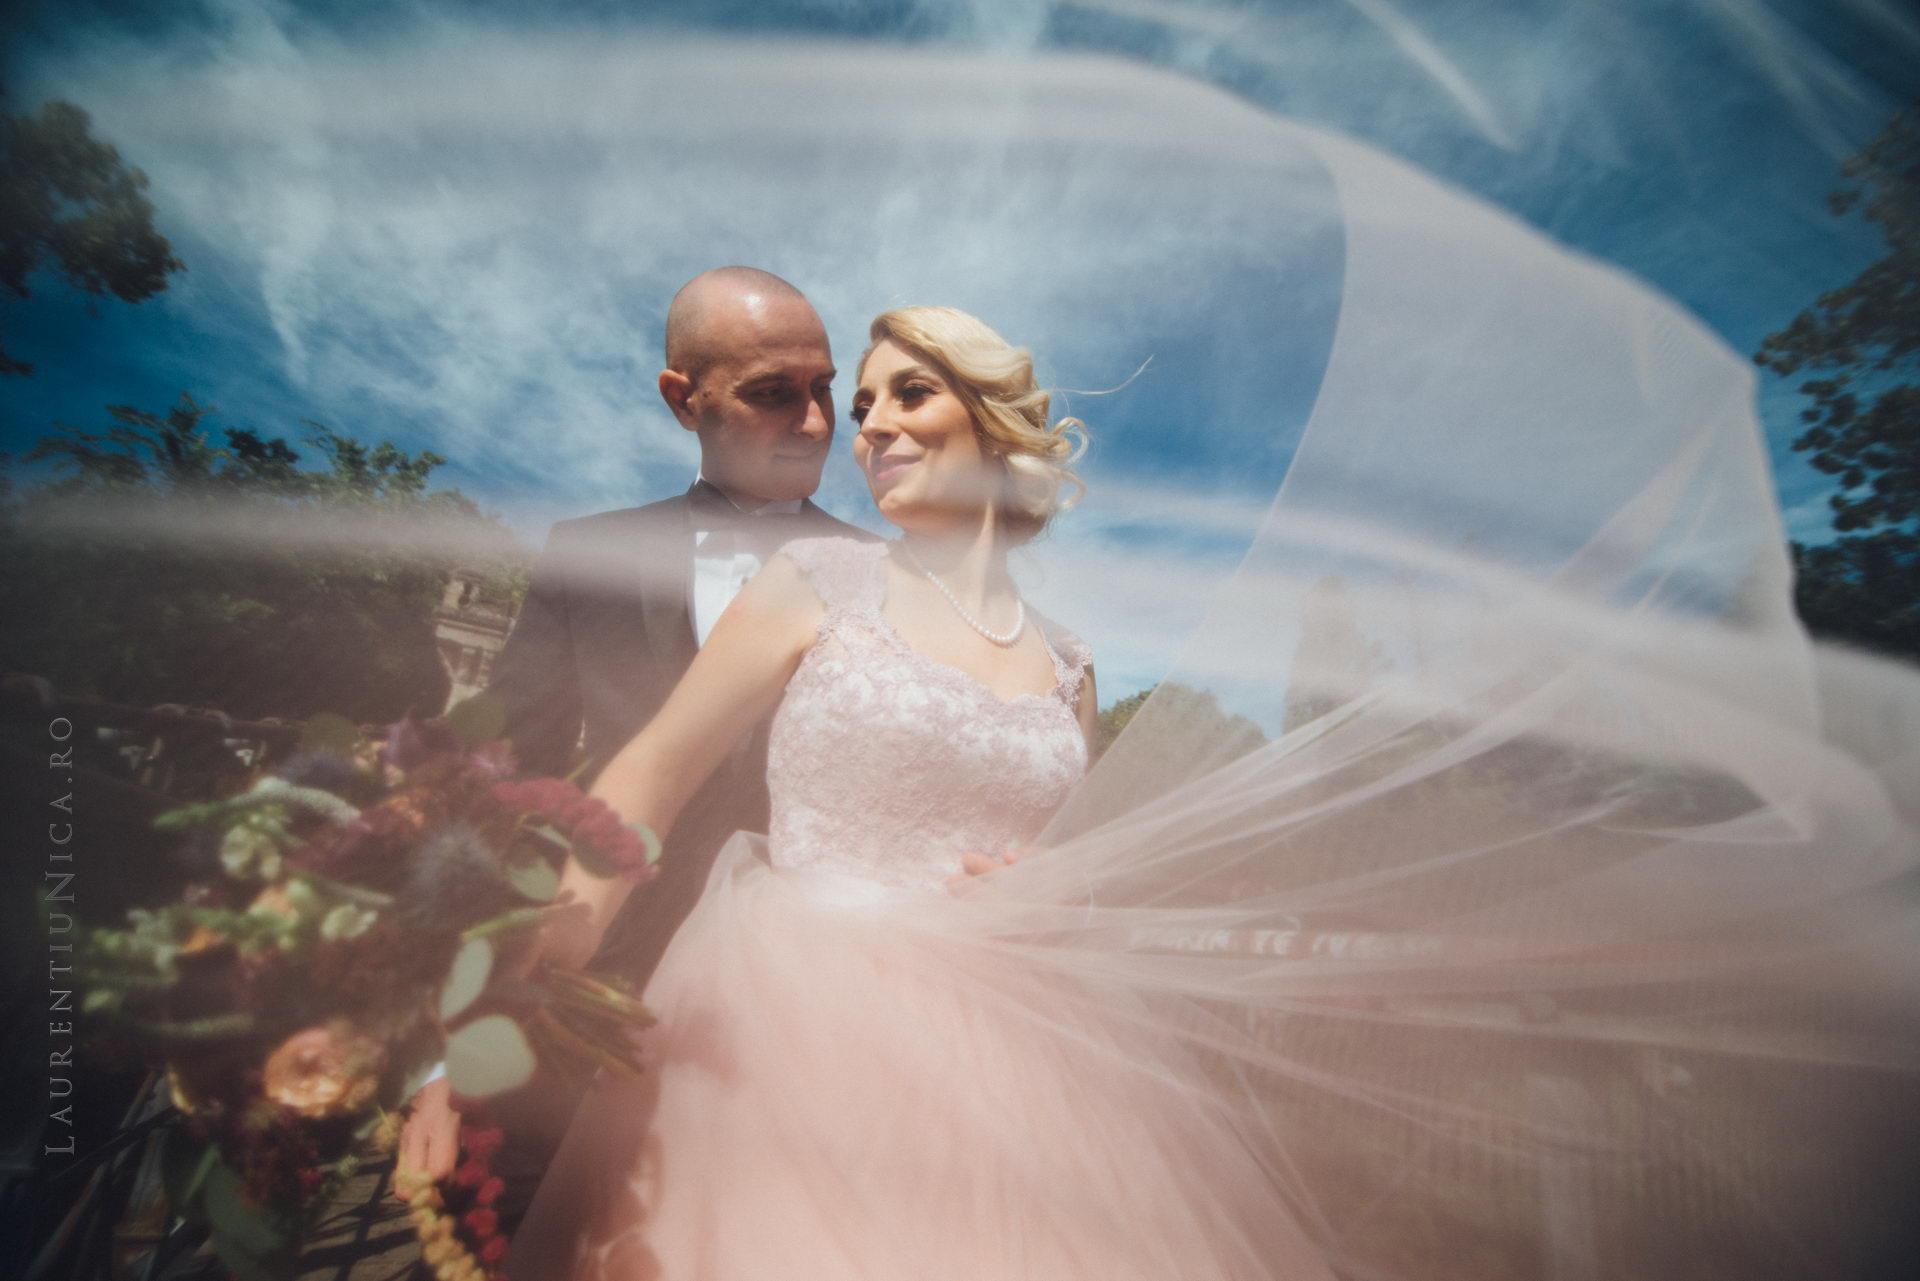 lavinia si adi fotograf laurentiu nica craiova 036 - Lavinia & Adi | Fotografii nunta